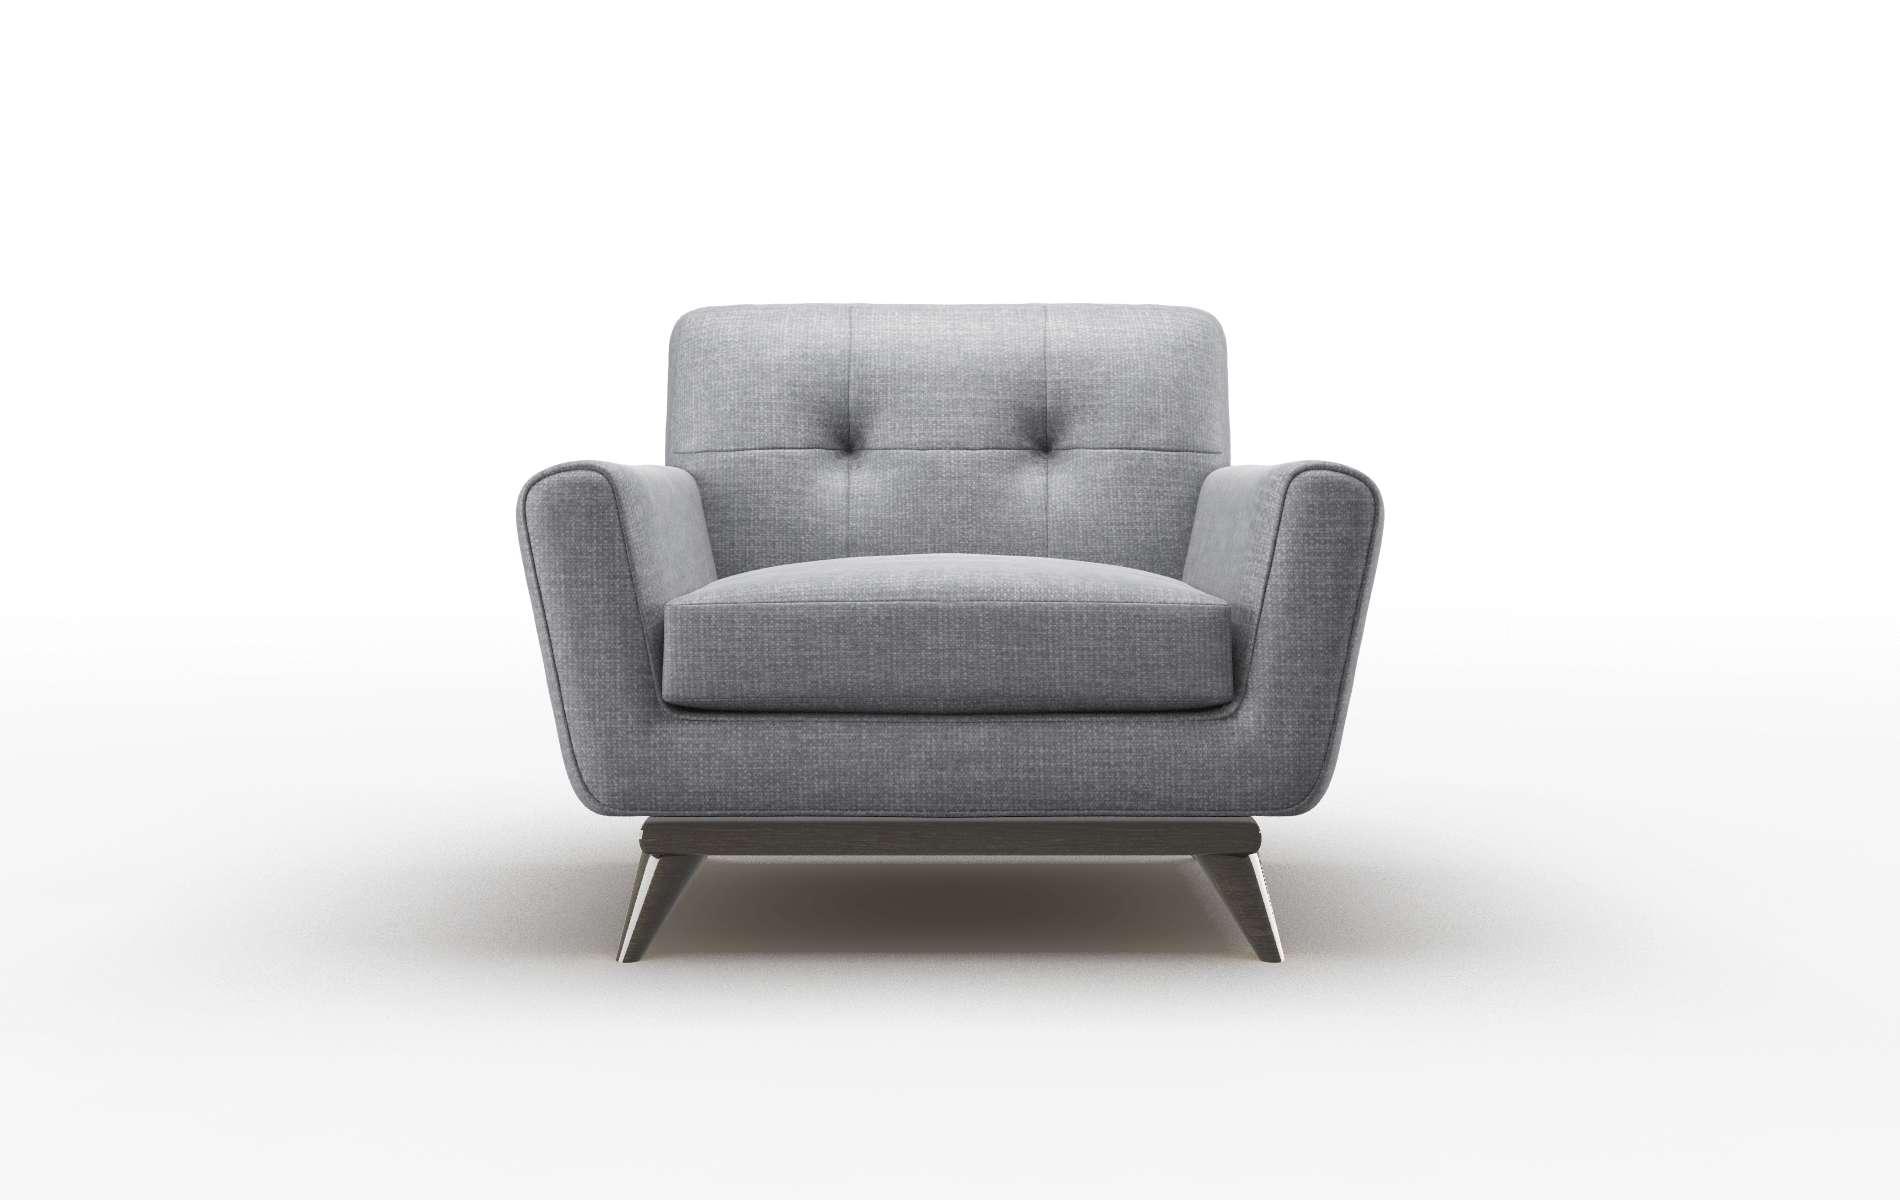 Brussels Keylargo Graphite chair espresso legs